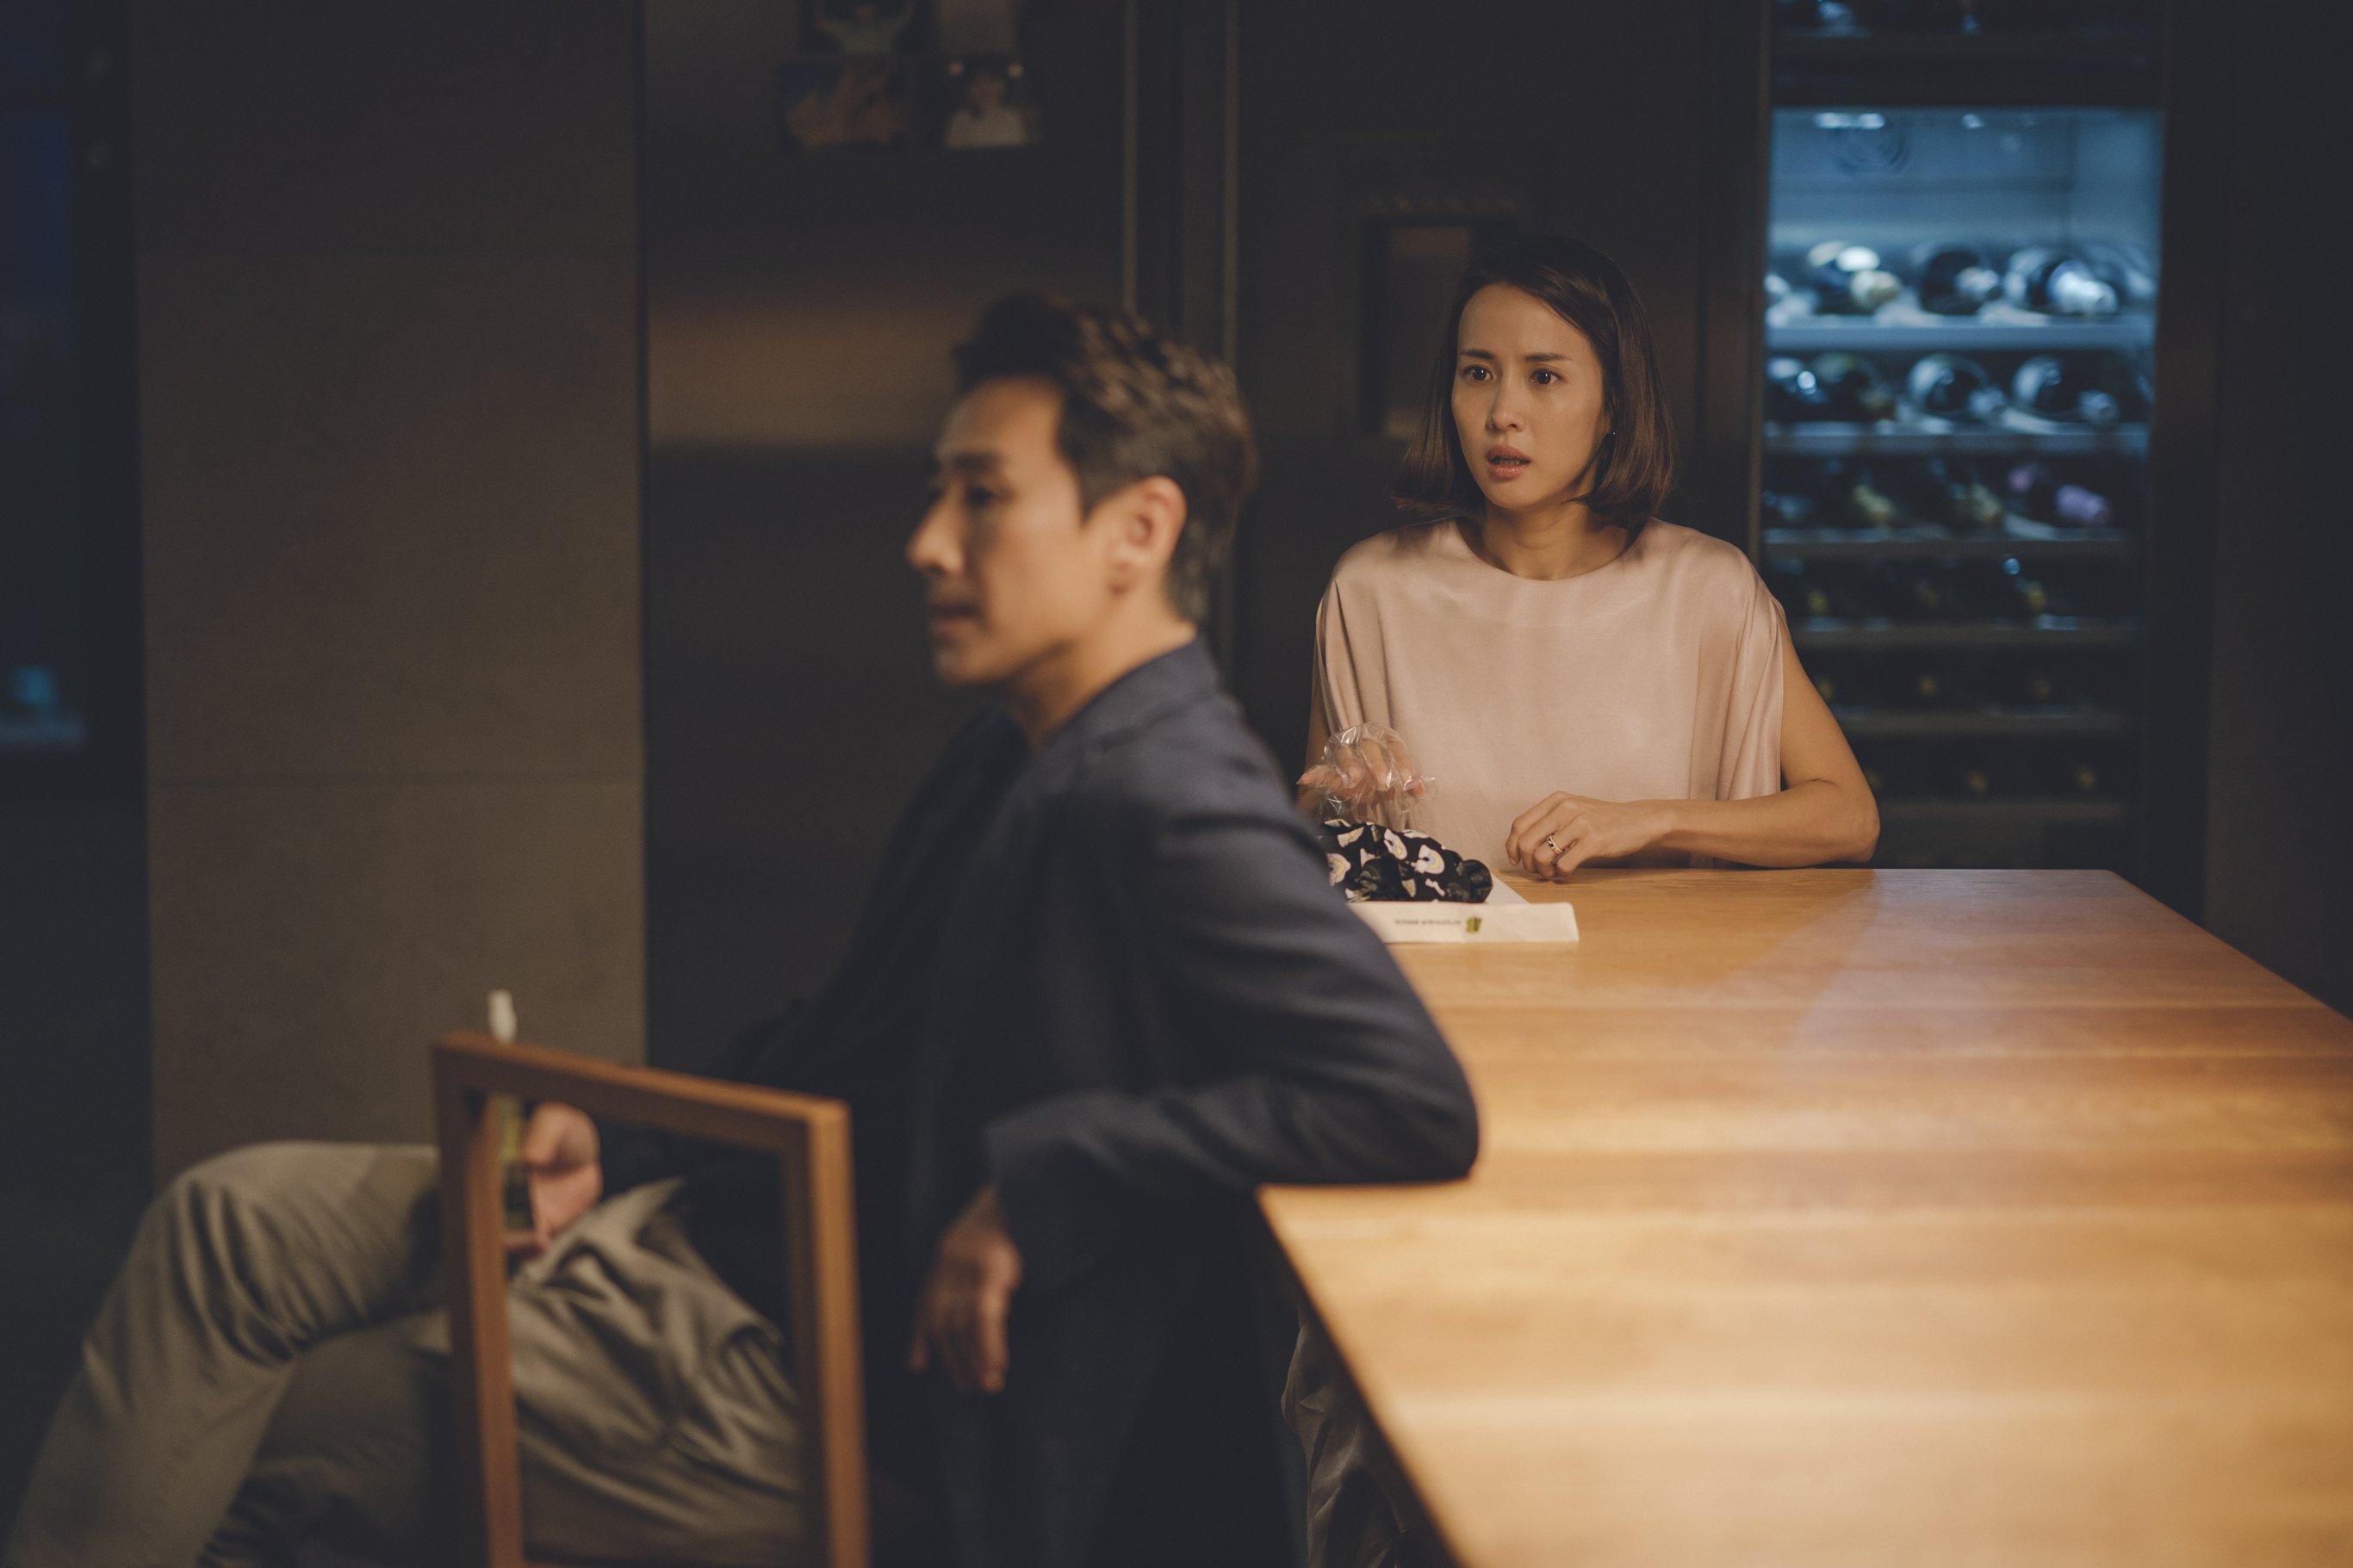 Sun-kyun Lee and Yeo-jeong Cho in Gisaengchung (2019)